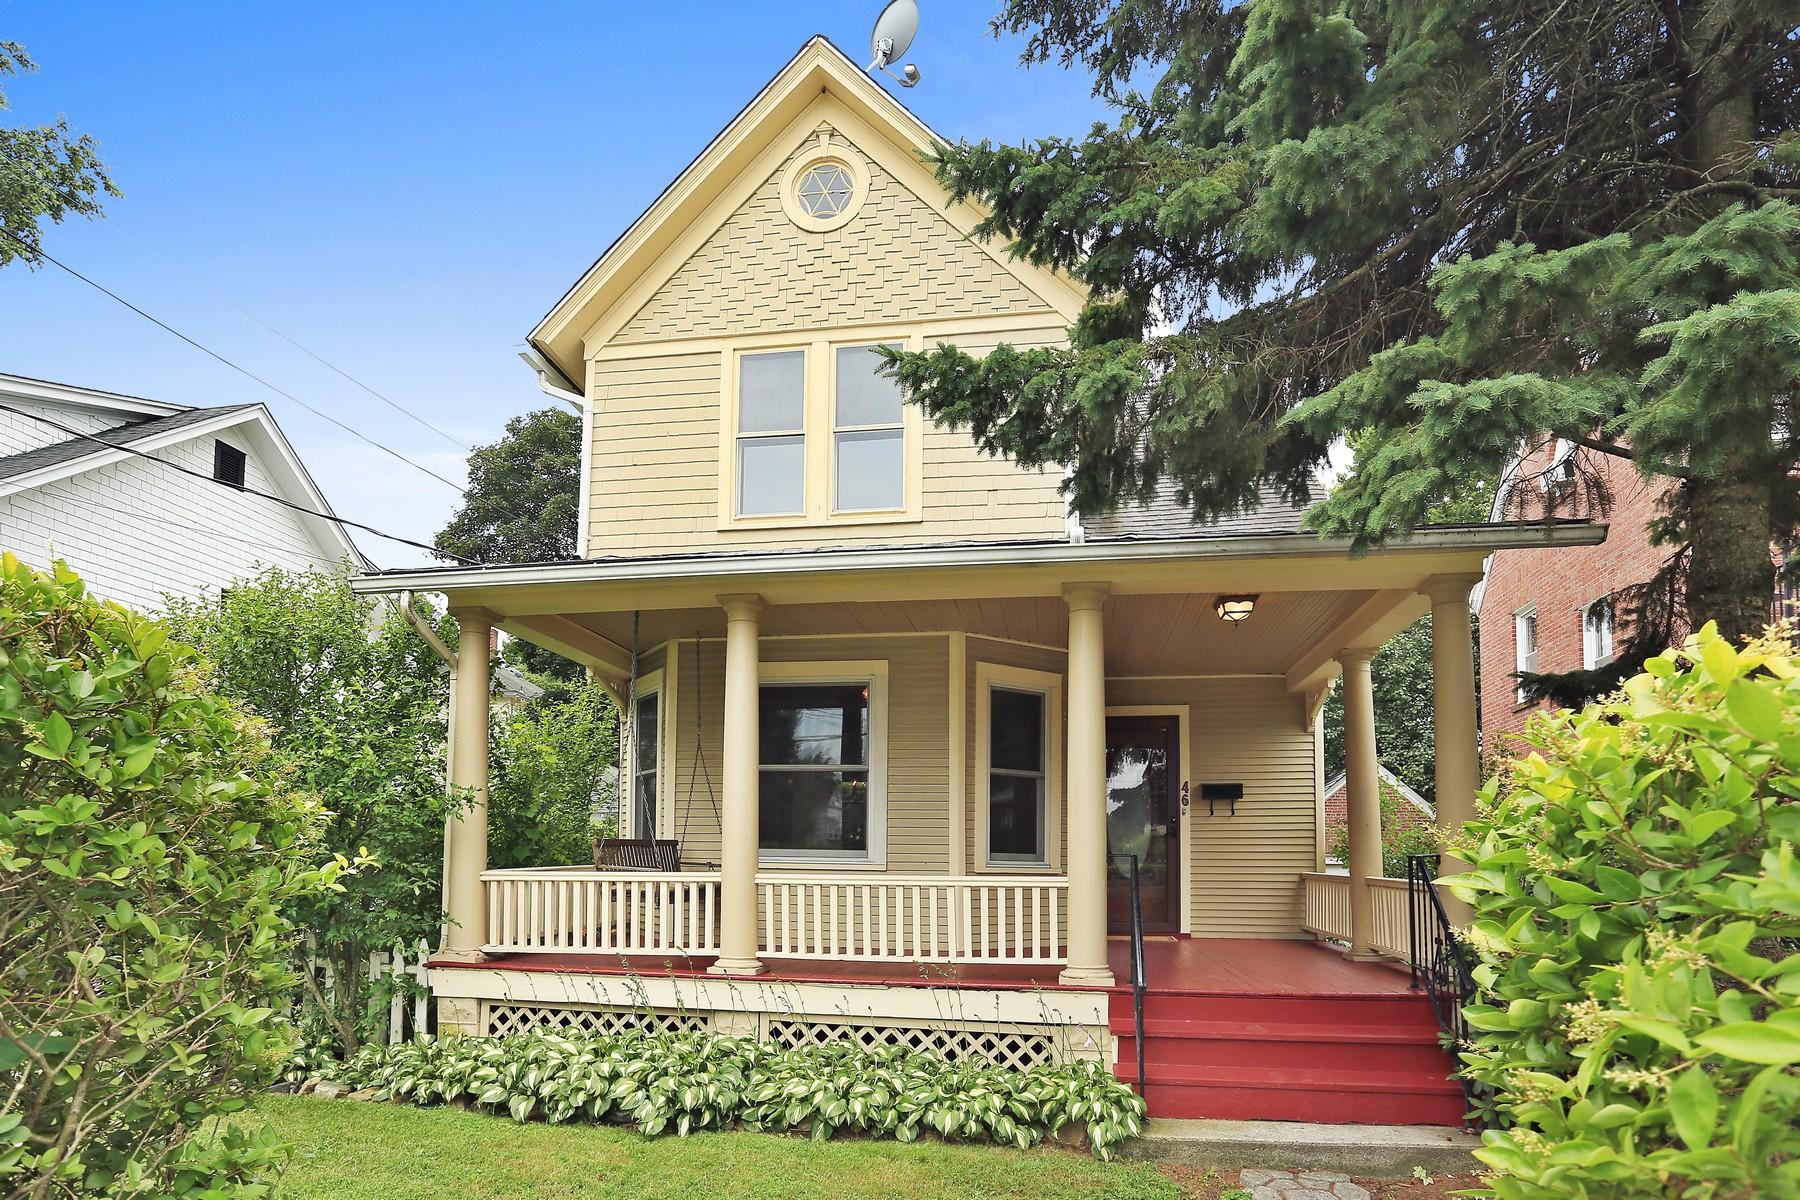 一戸建て のために 売買 アット Village Colonial With Vintage Appeal, Close to All! 46 Elizabeth Street Ossining, ニューヨーク 10562 アメリカ合衆国